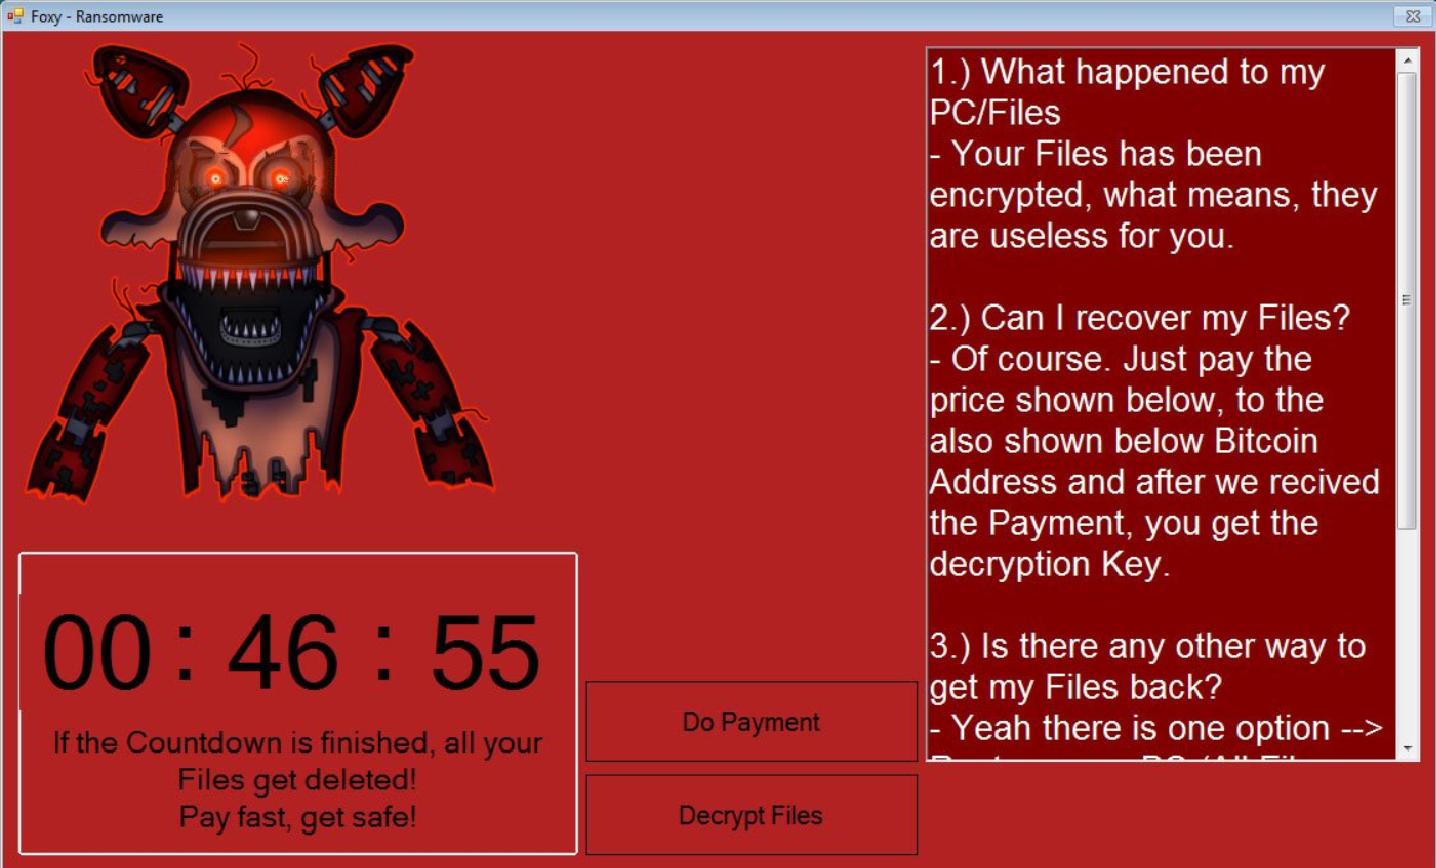 Foxy ransomware image